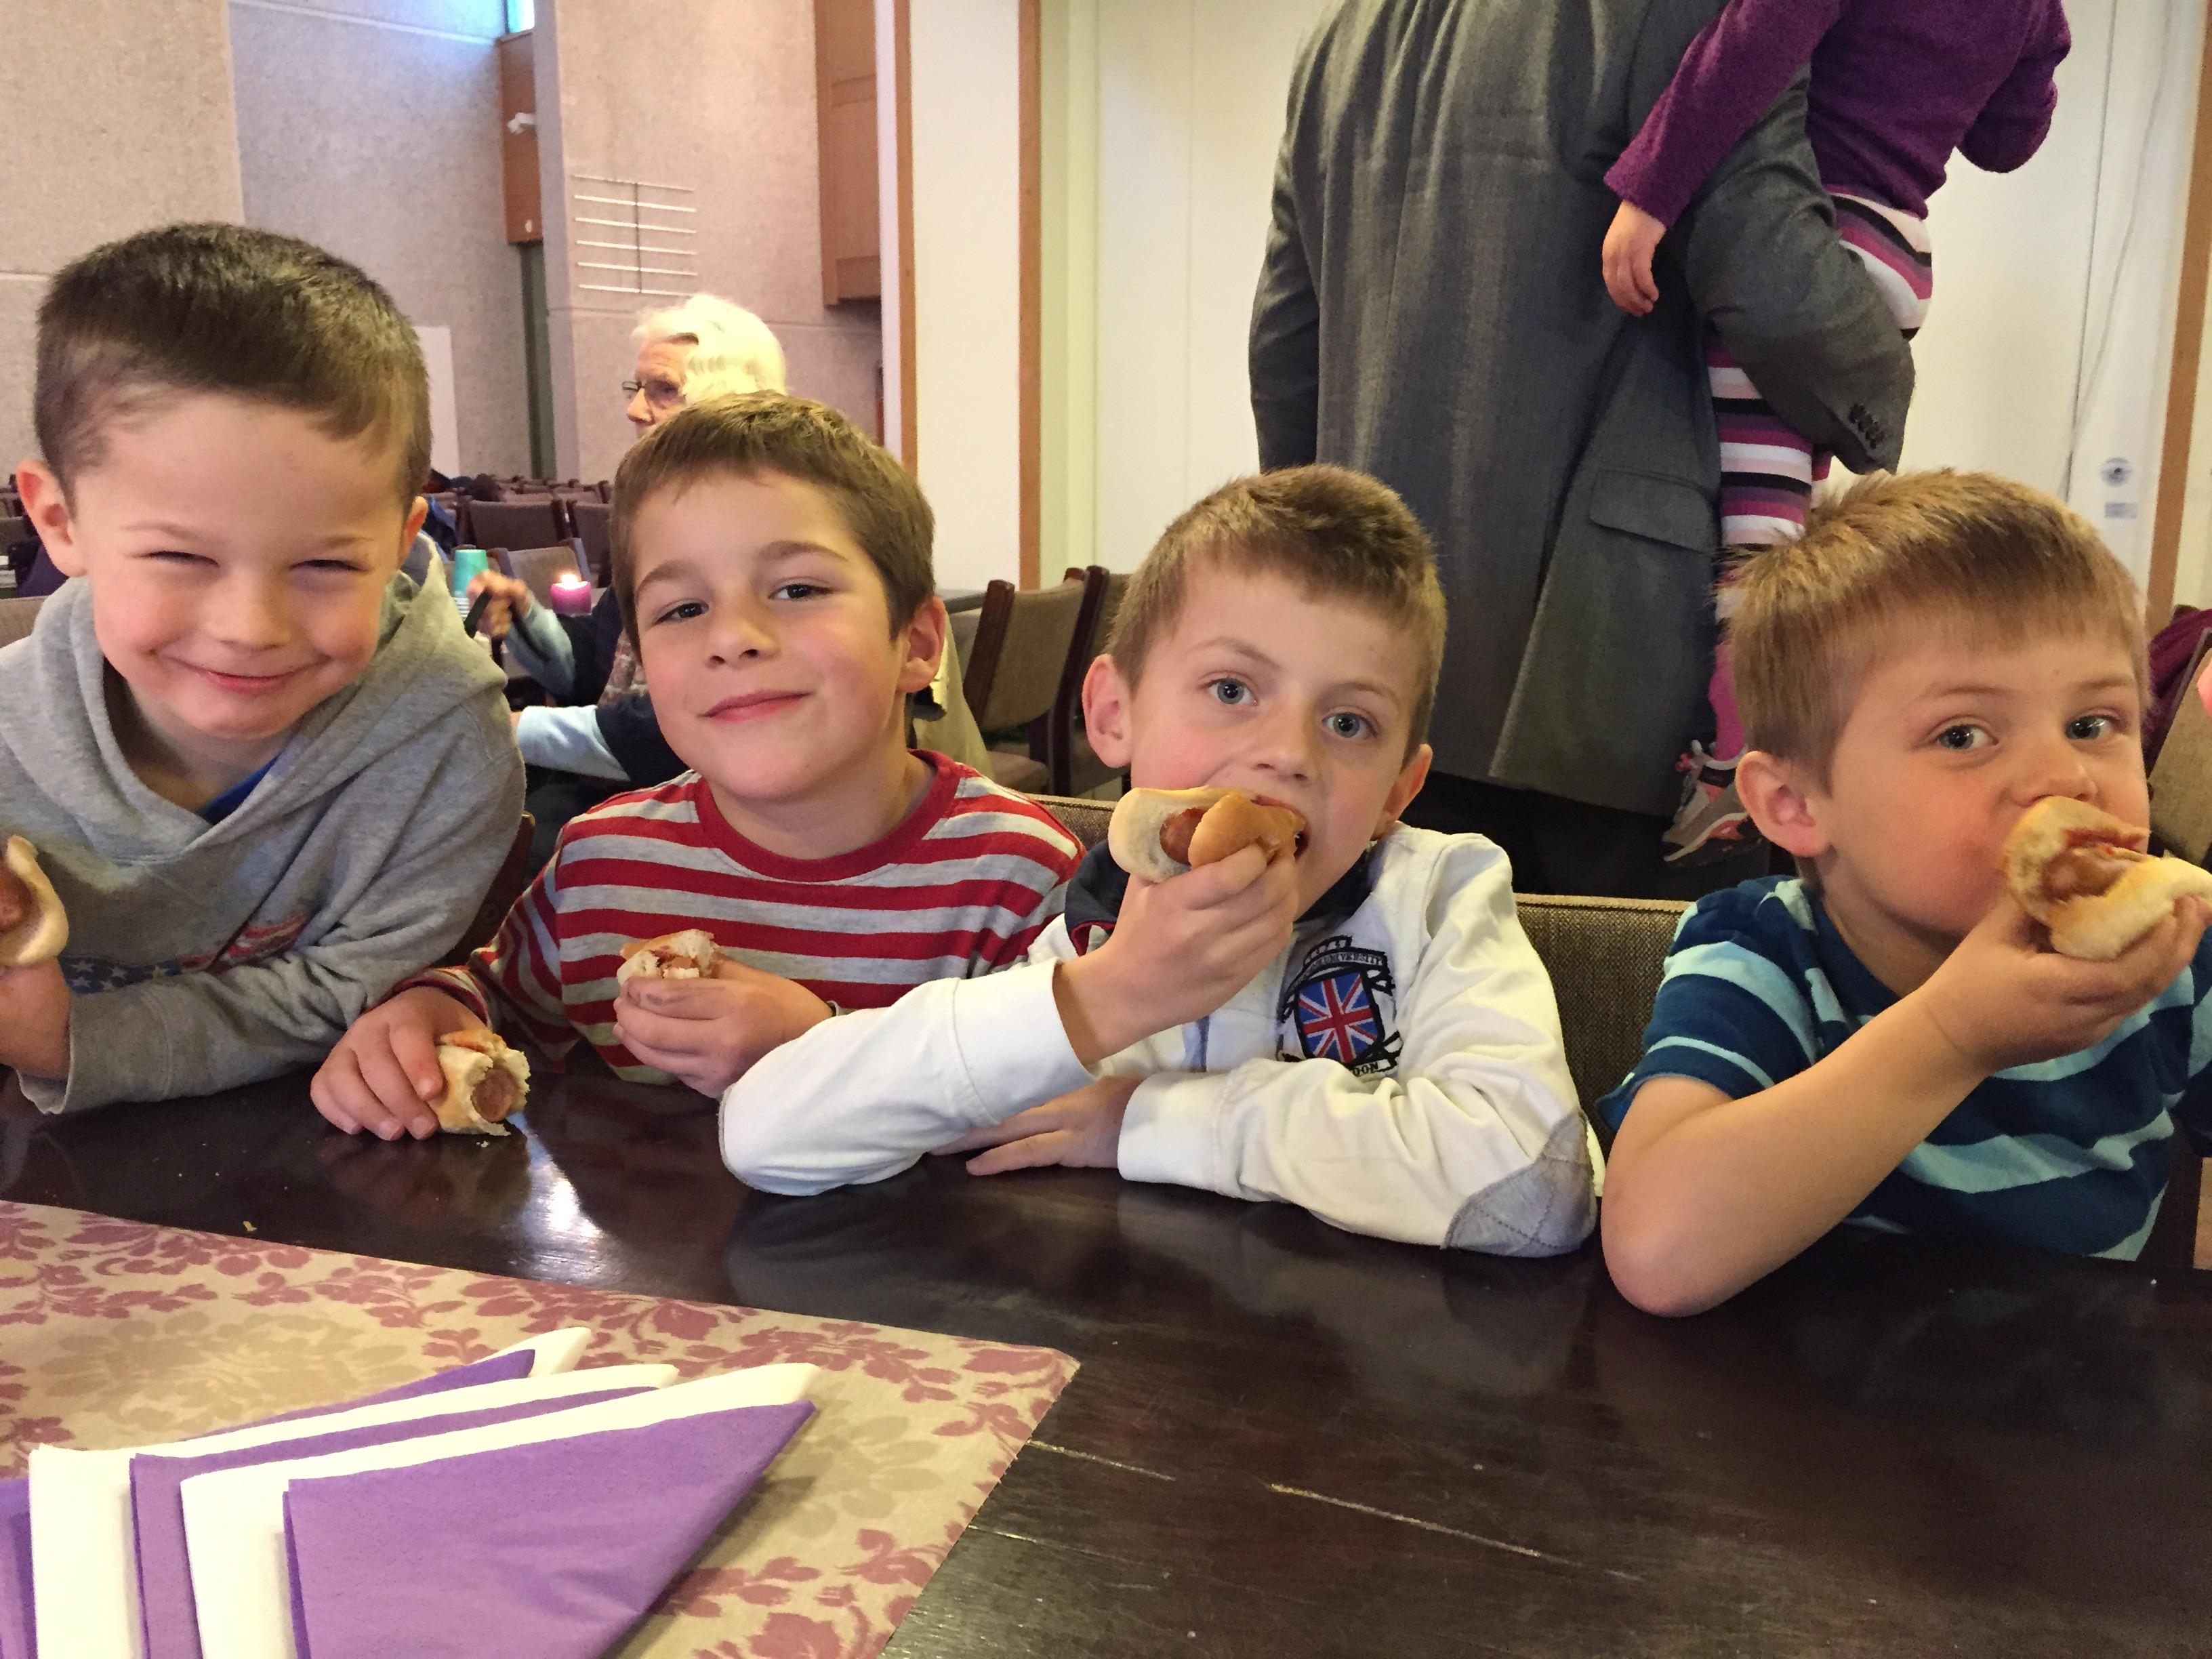 Jakb, Sondre, Albin og Luke koser seg.